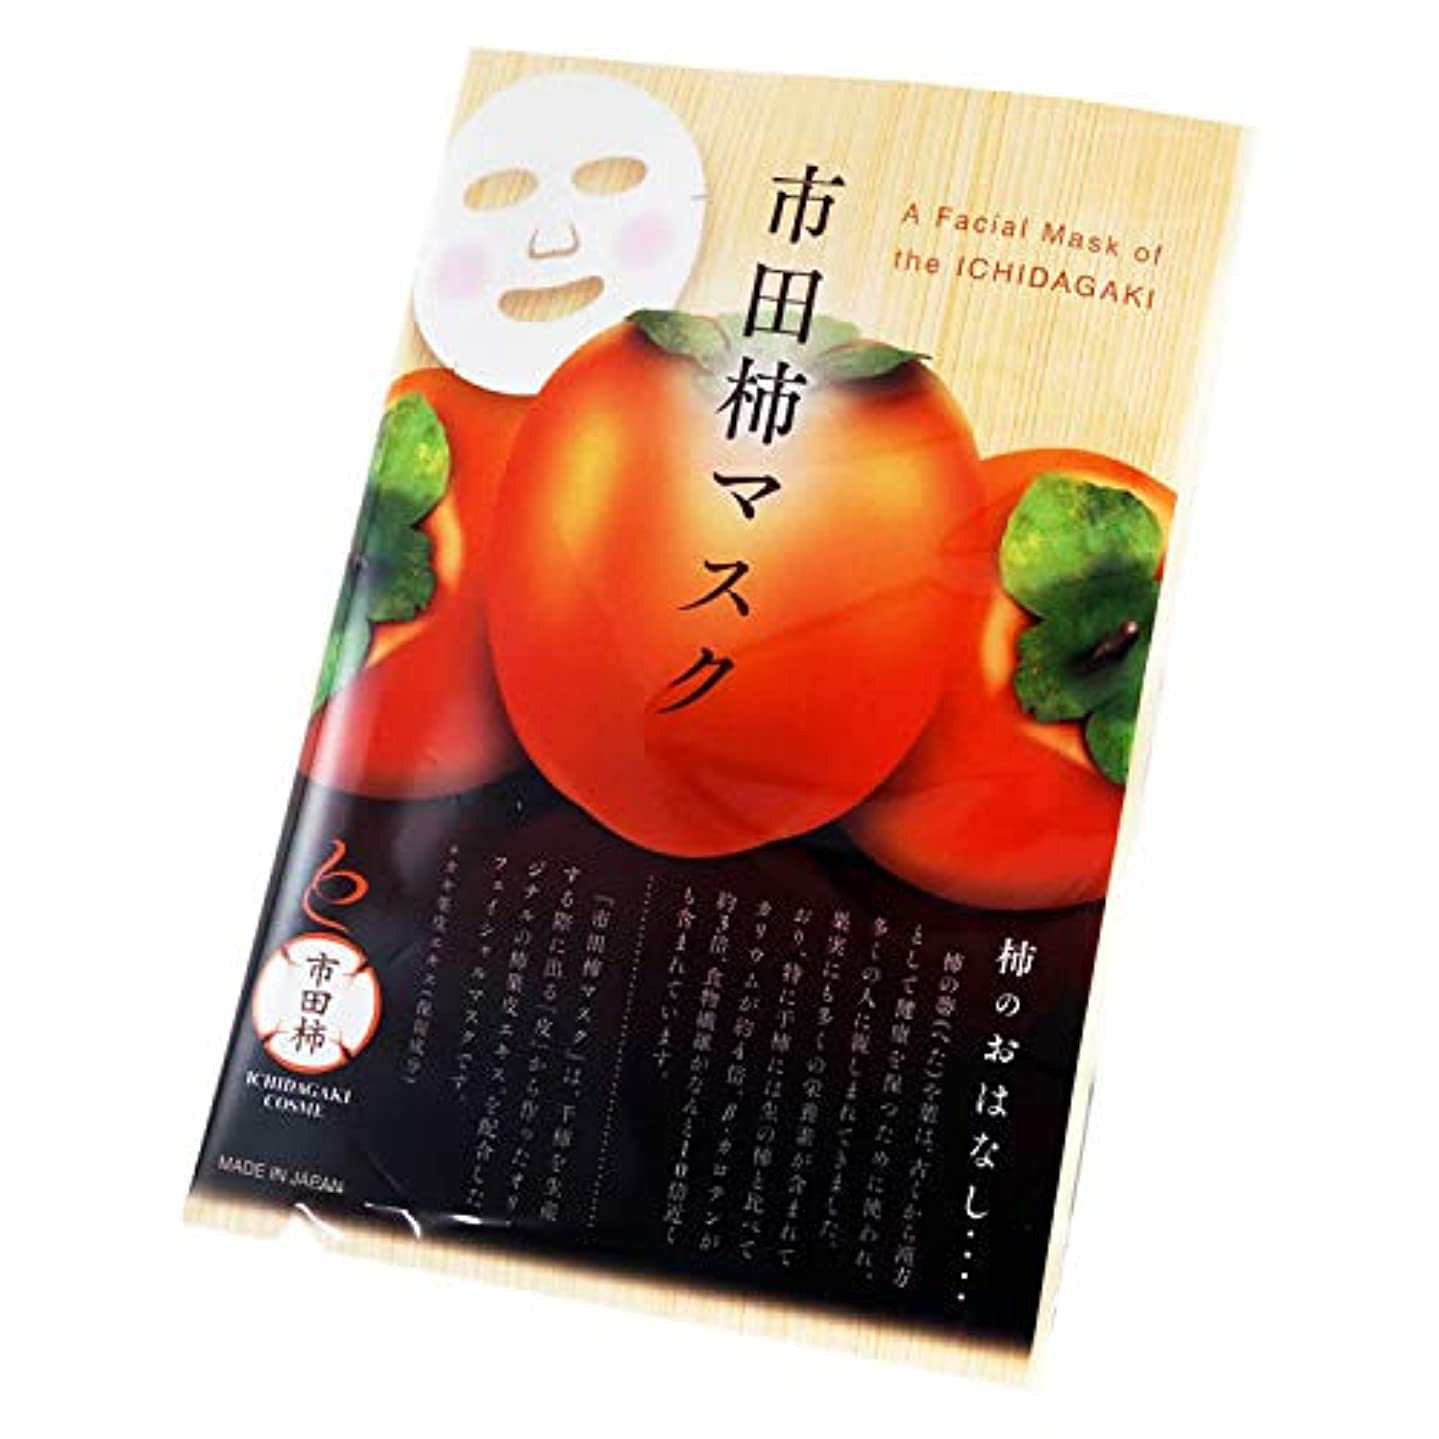 お風呂を持っているに話すタンカー市田柿コスメ フェイスマスク 1枚